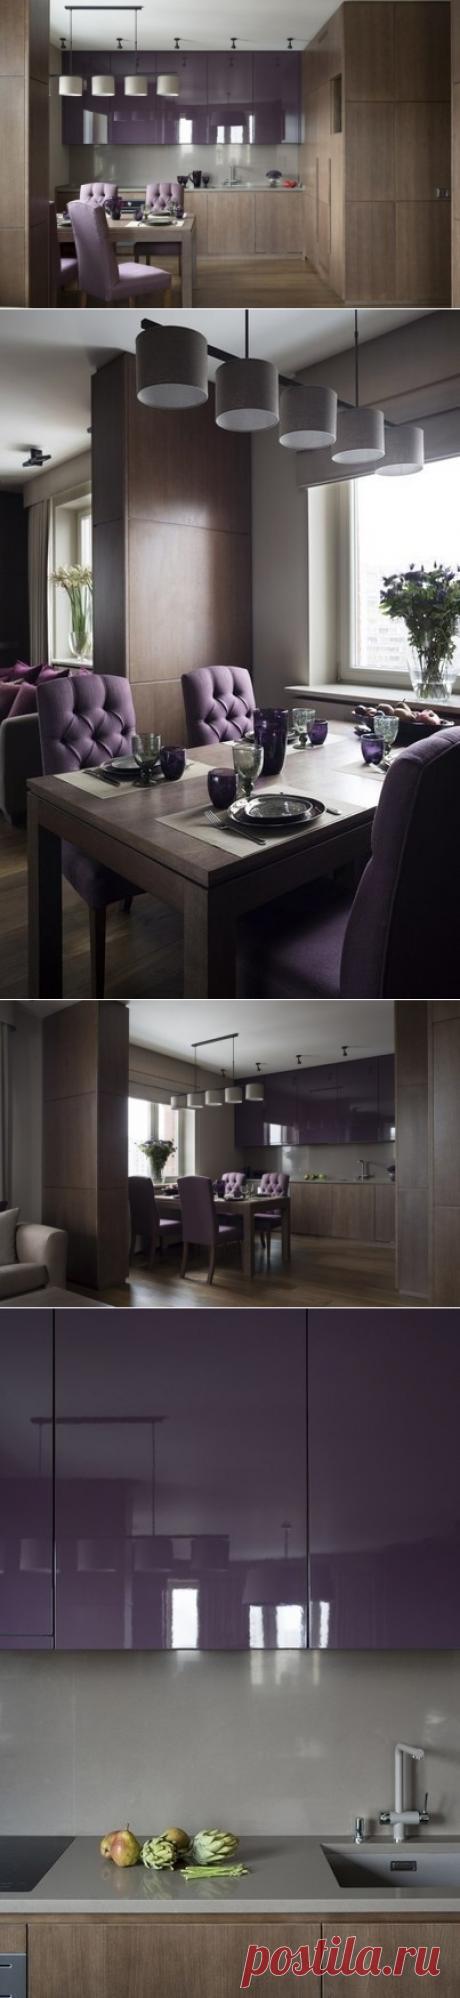 Спокойная и красивая кухня - Дизайн интерьеров   Идеи вашего дома   Lodgers